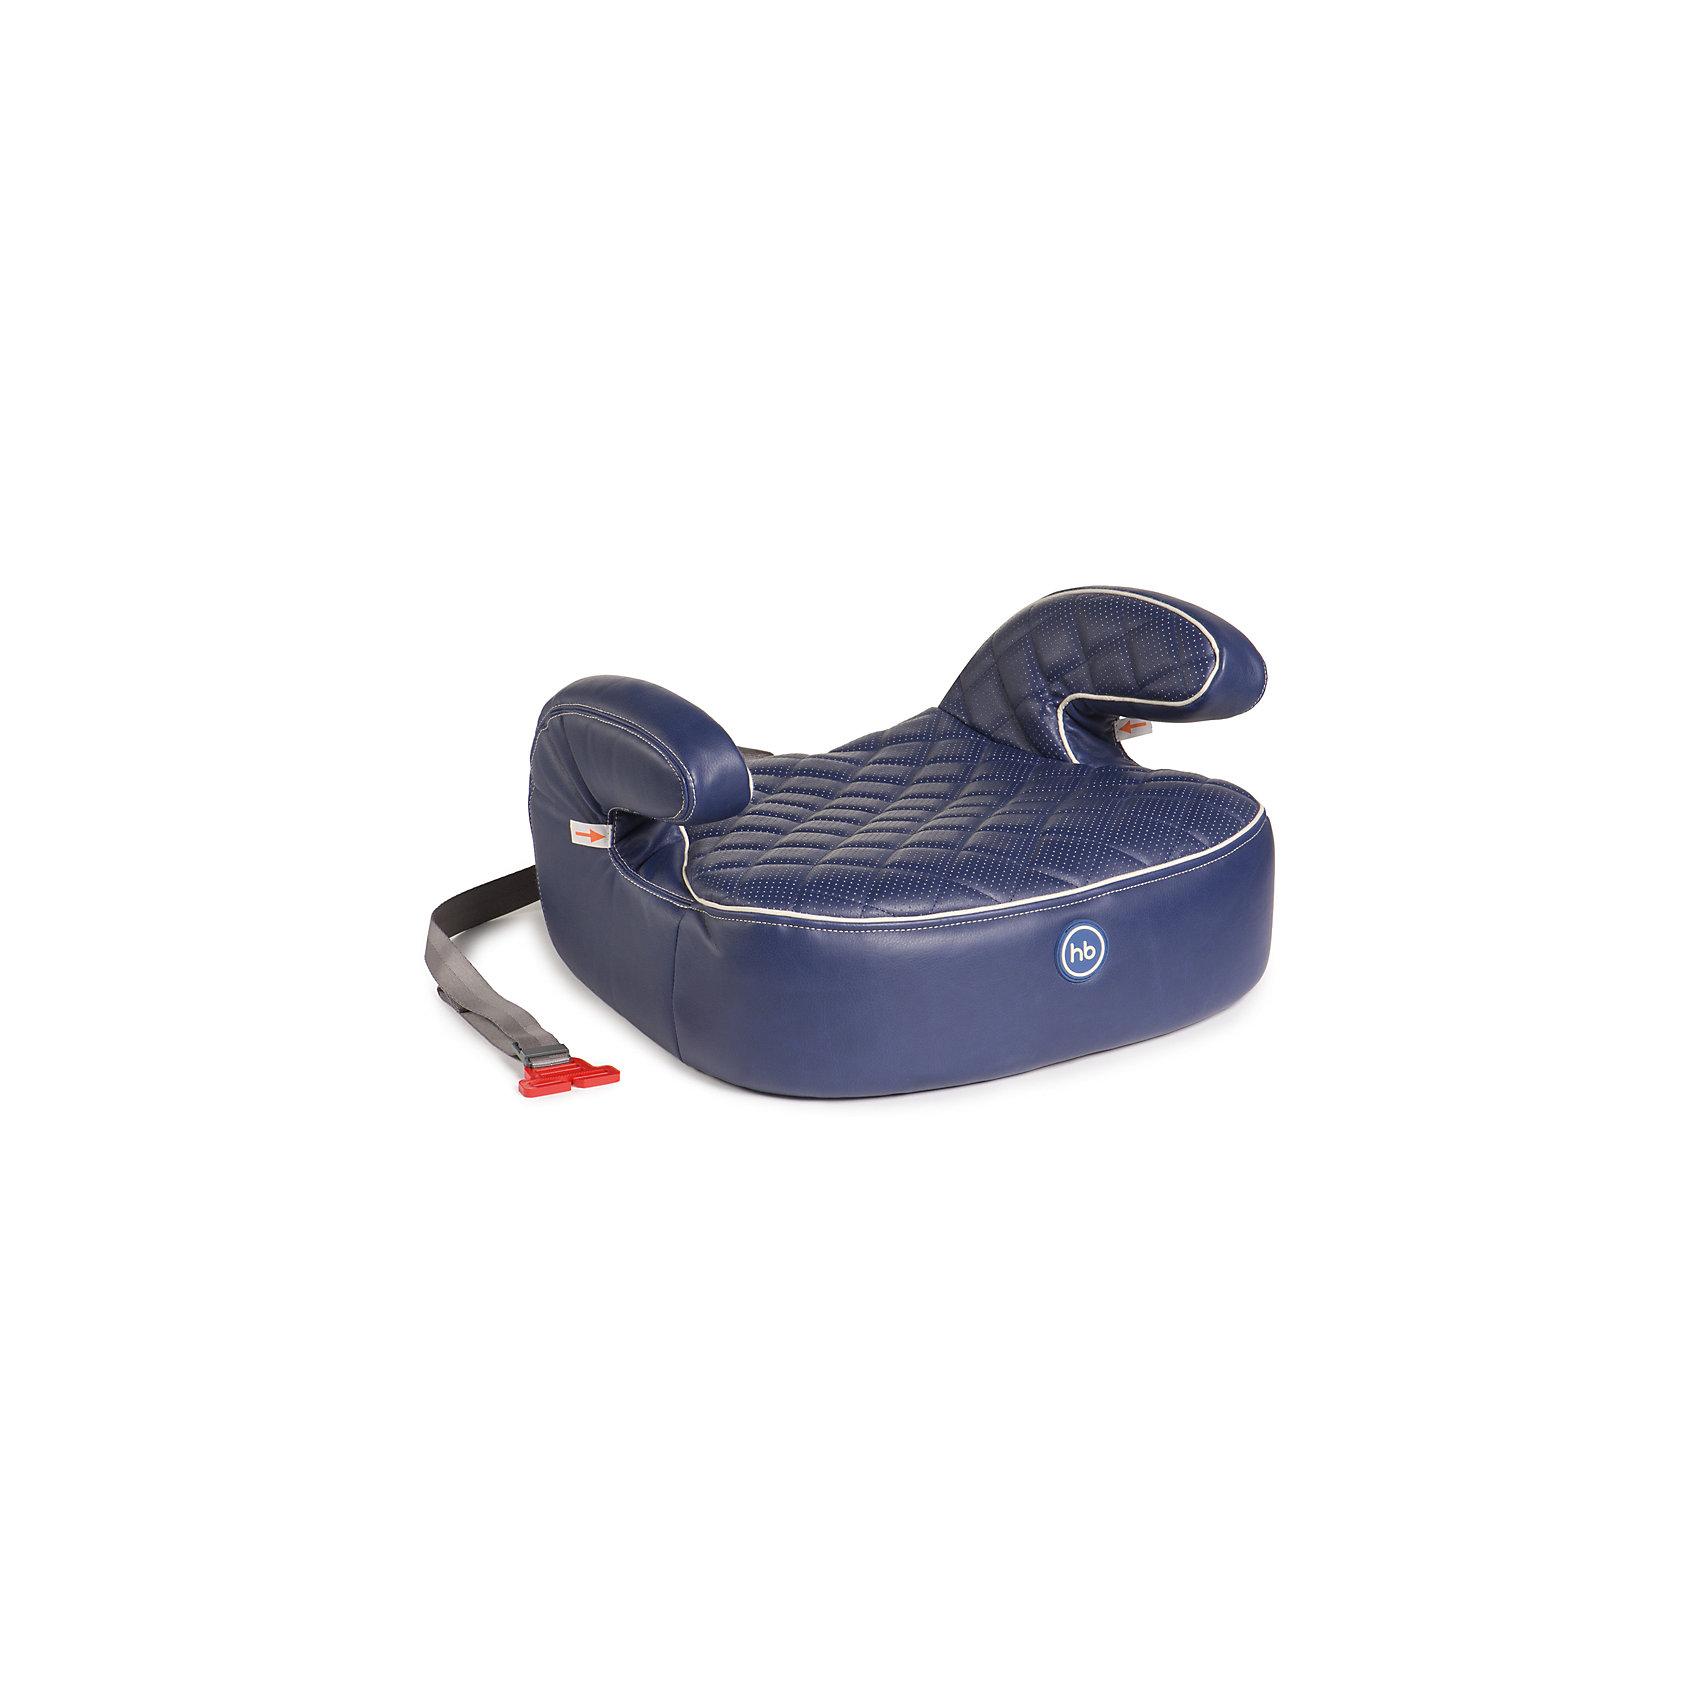 Автокресло-бустер Rider Deluxe, 15-36 кг., Happy Baby, синий